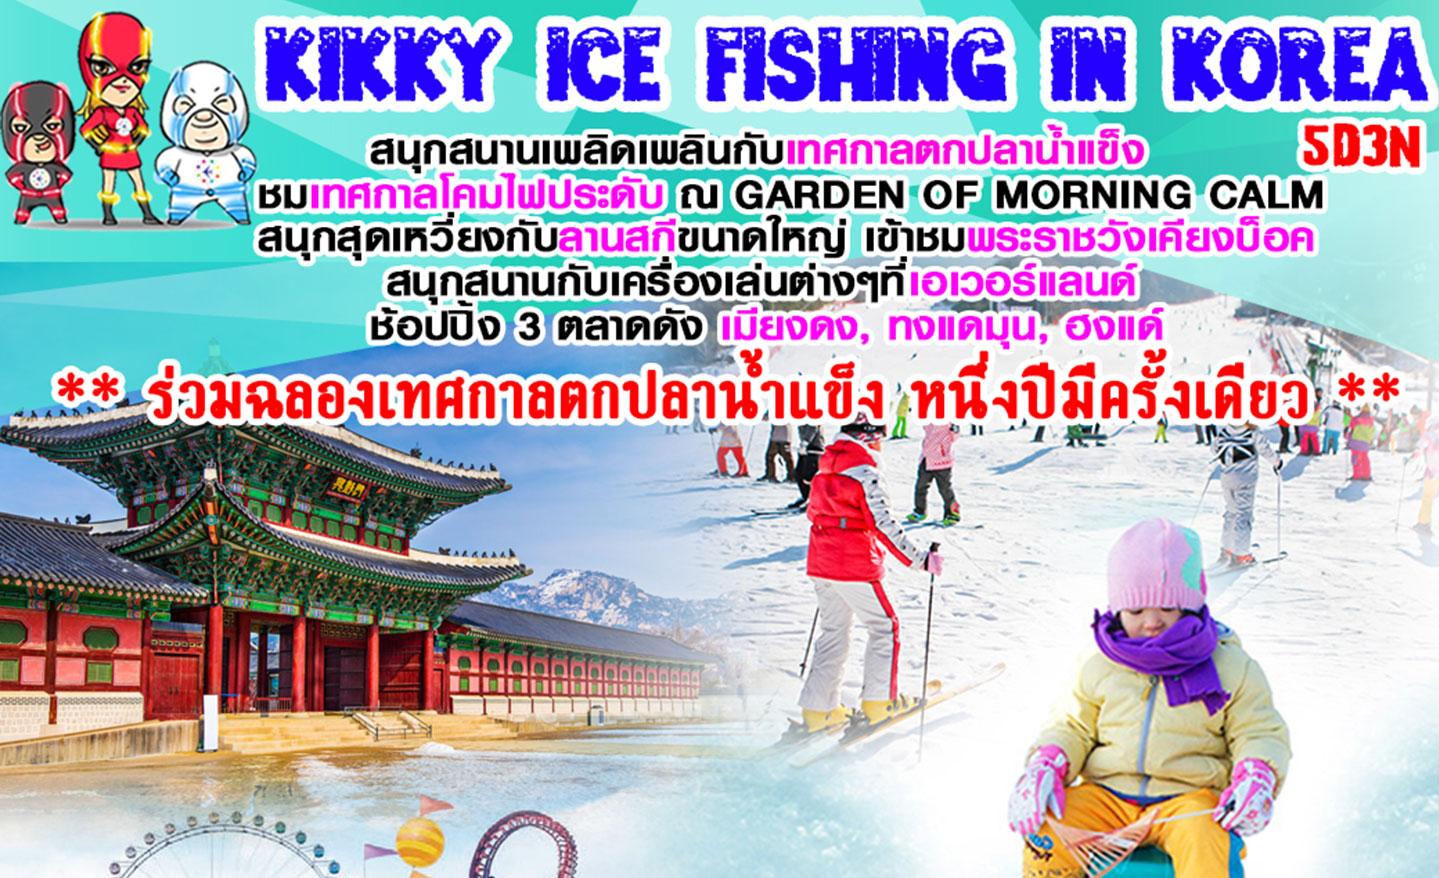 ทัวร์เกาหลี Kikky Ice Fishing in Korea (ม.ค.62)